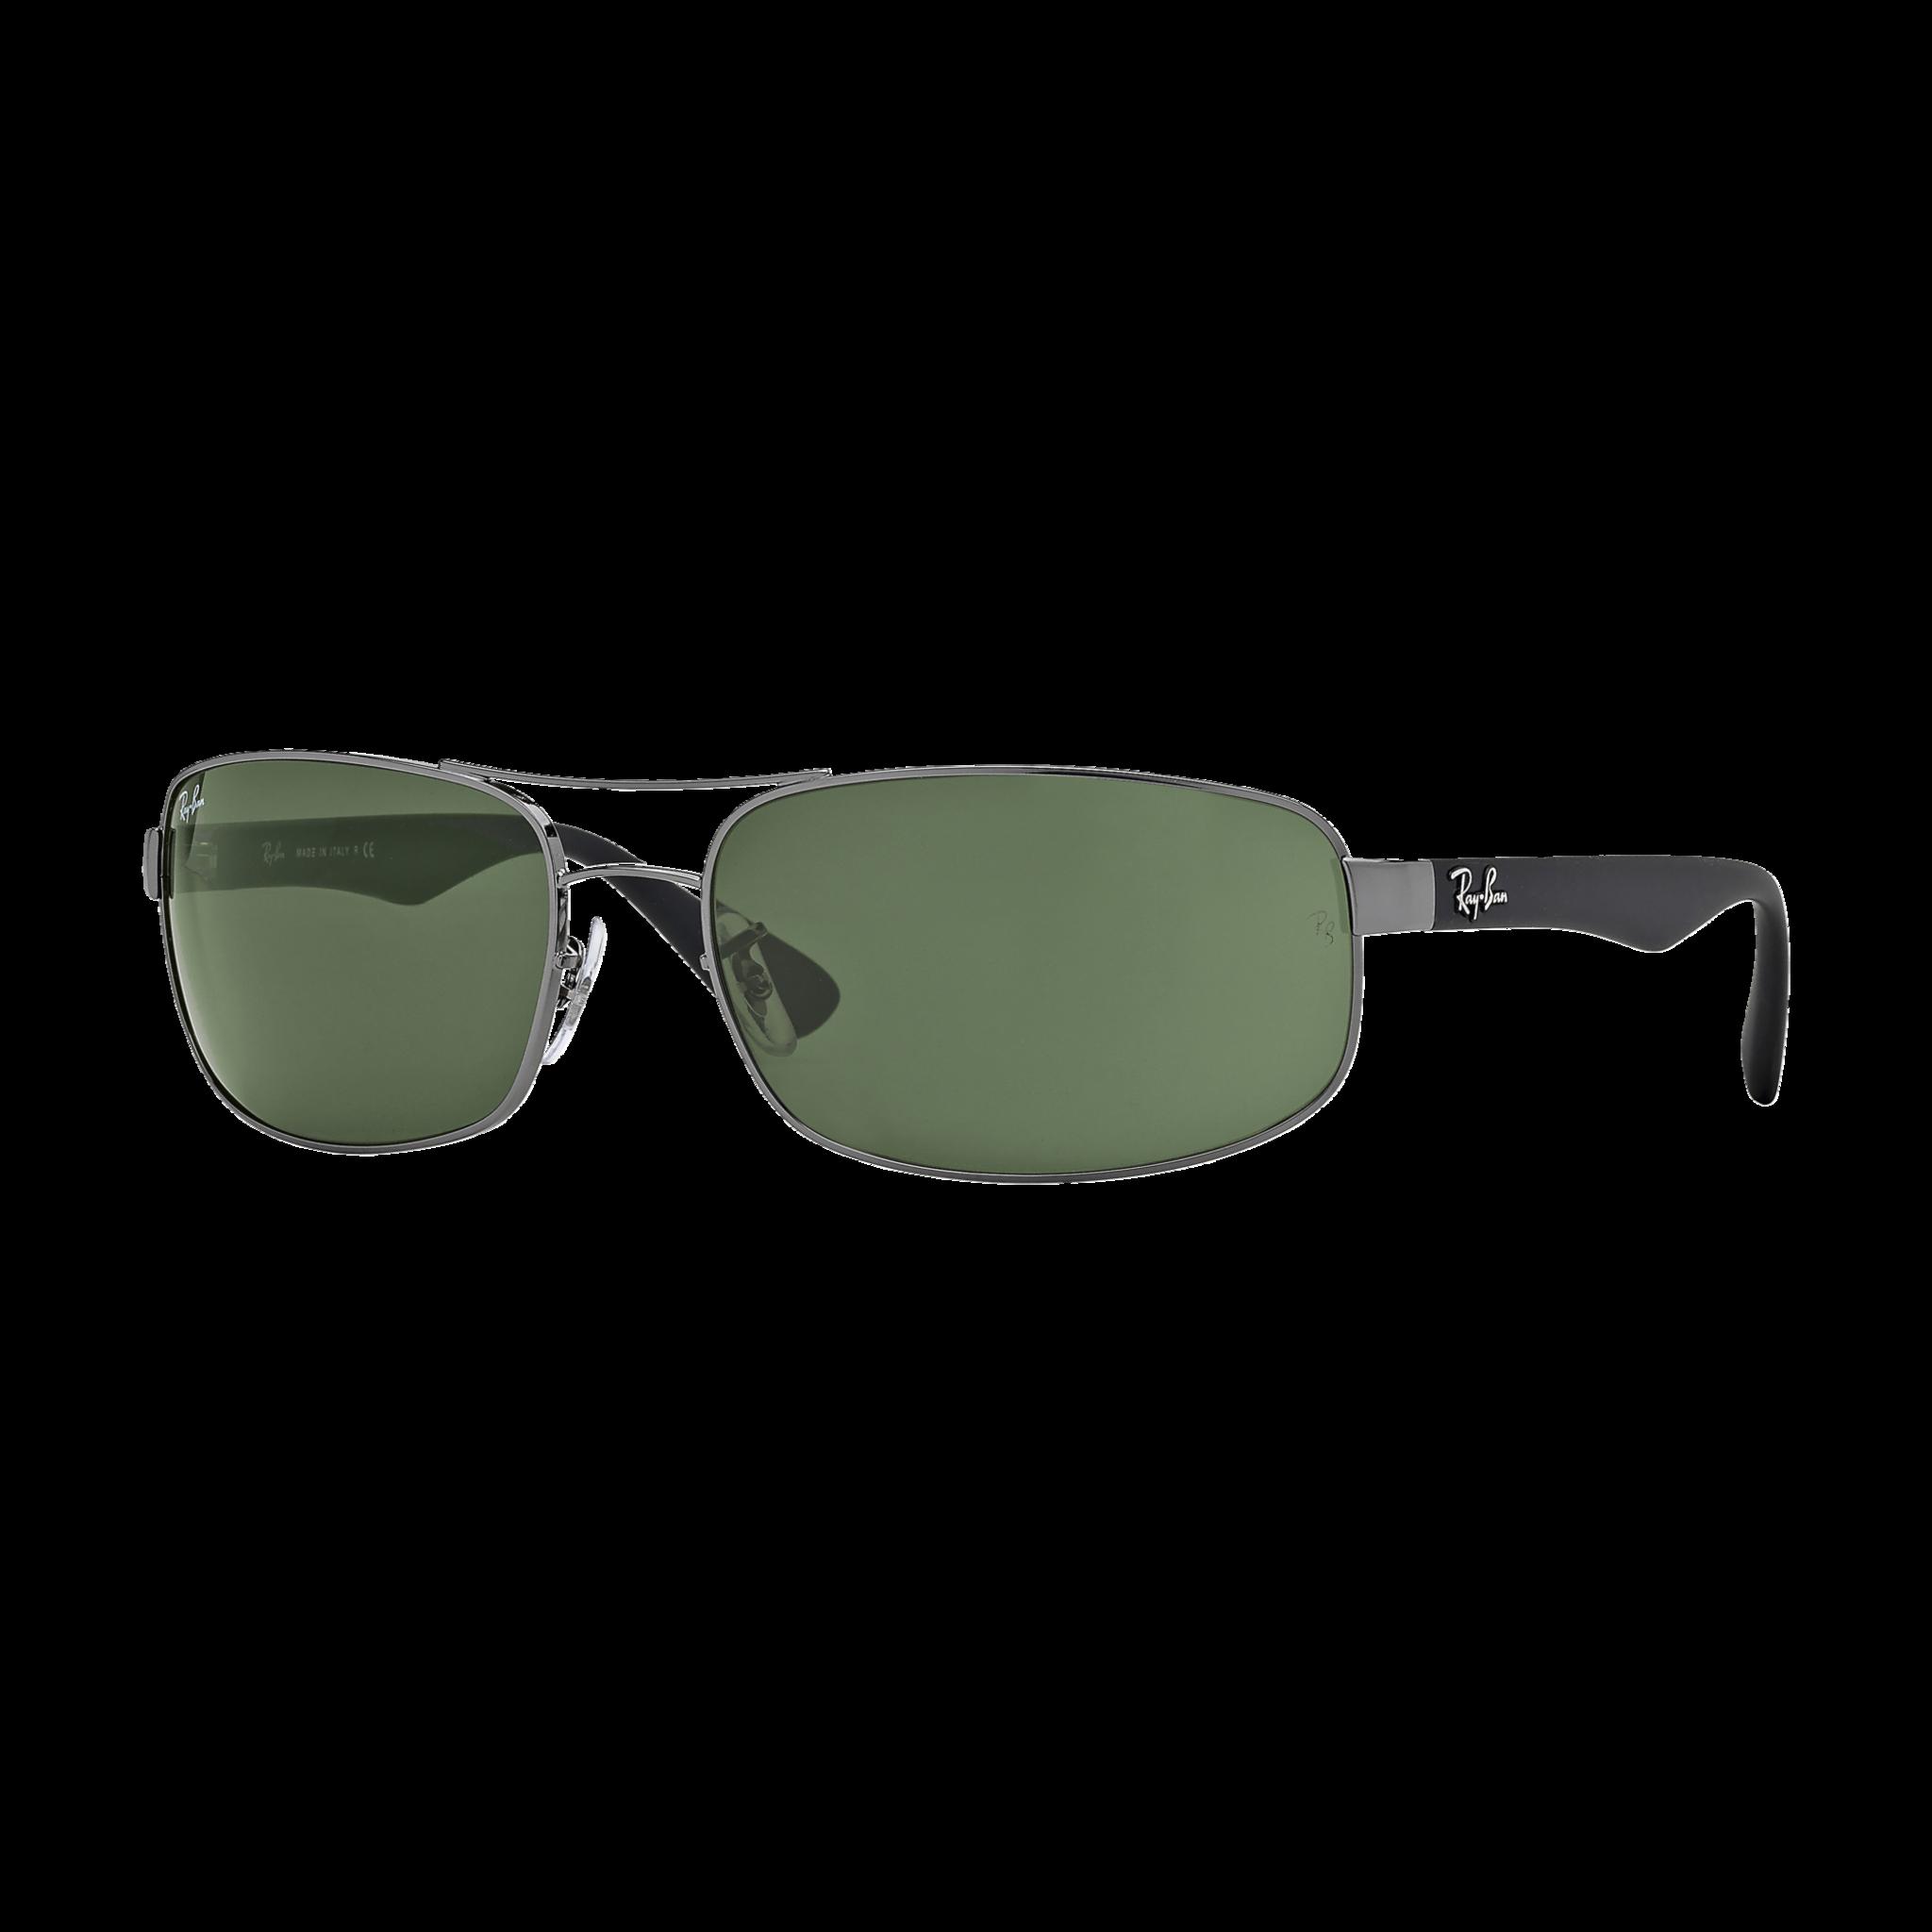 RB3445 004 61, solglasögon